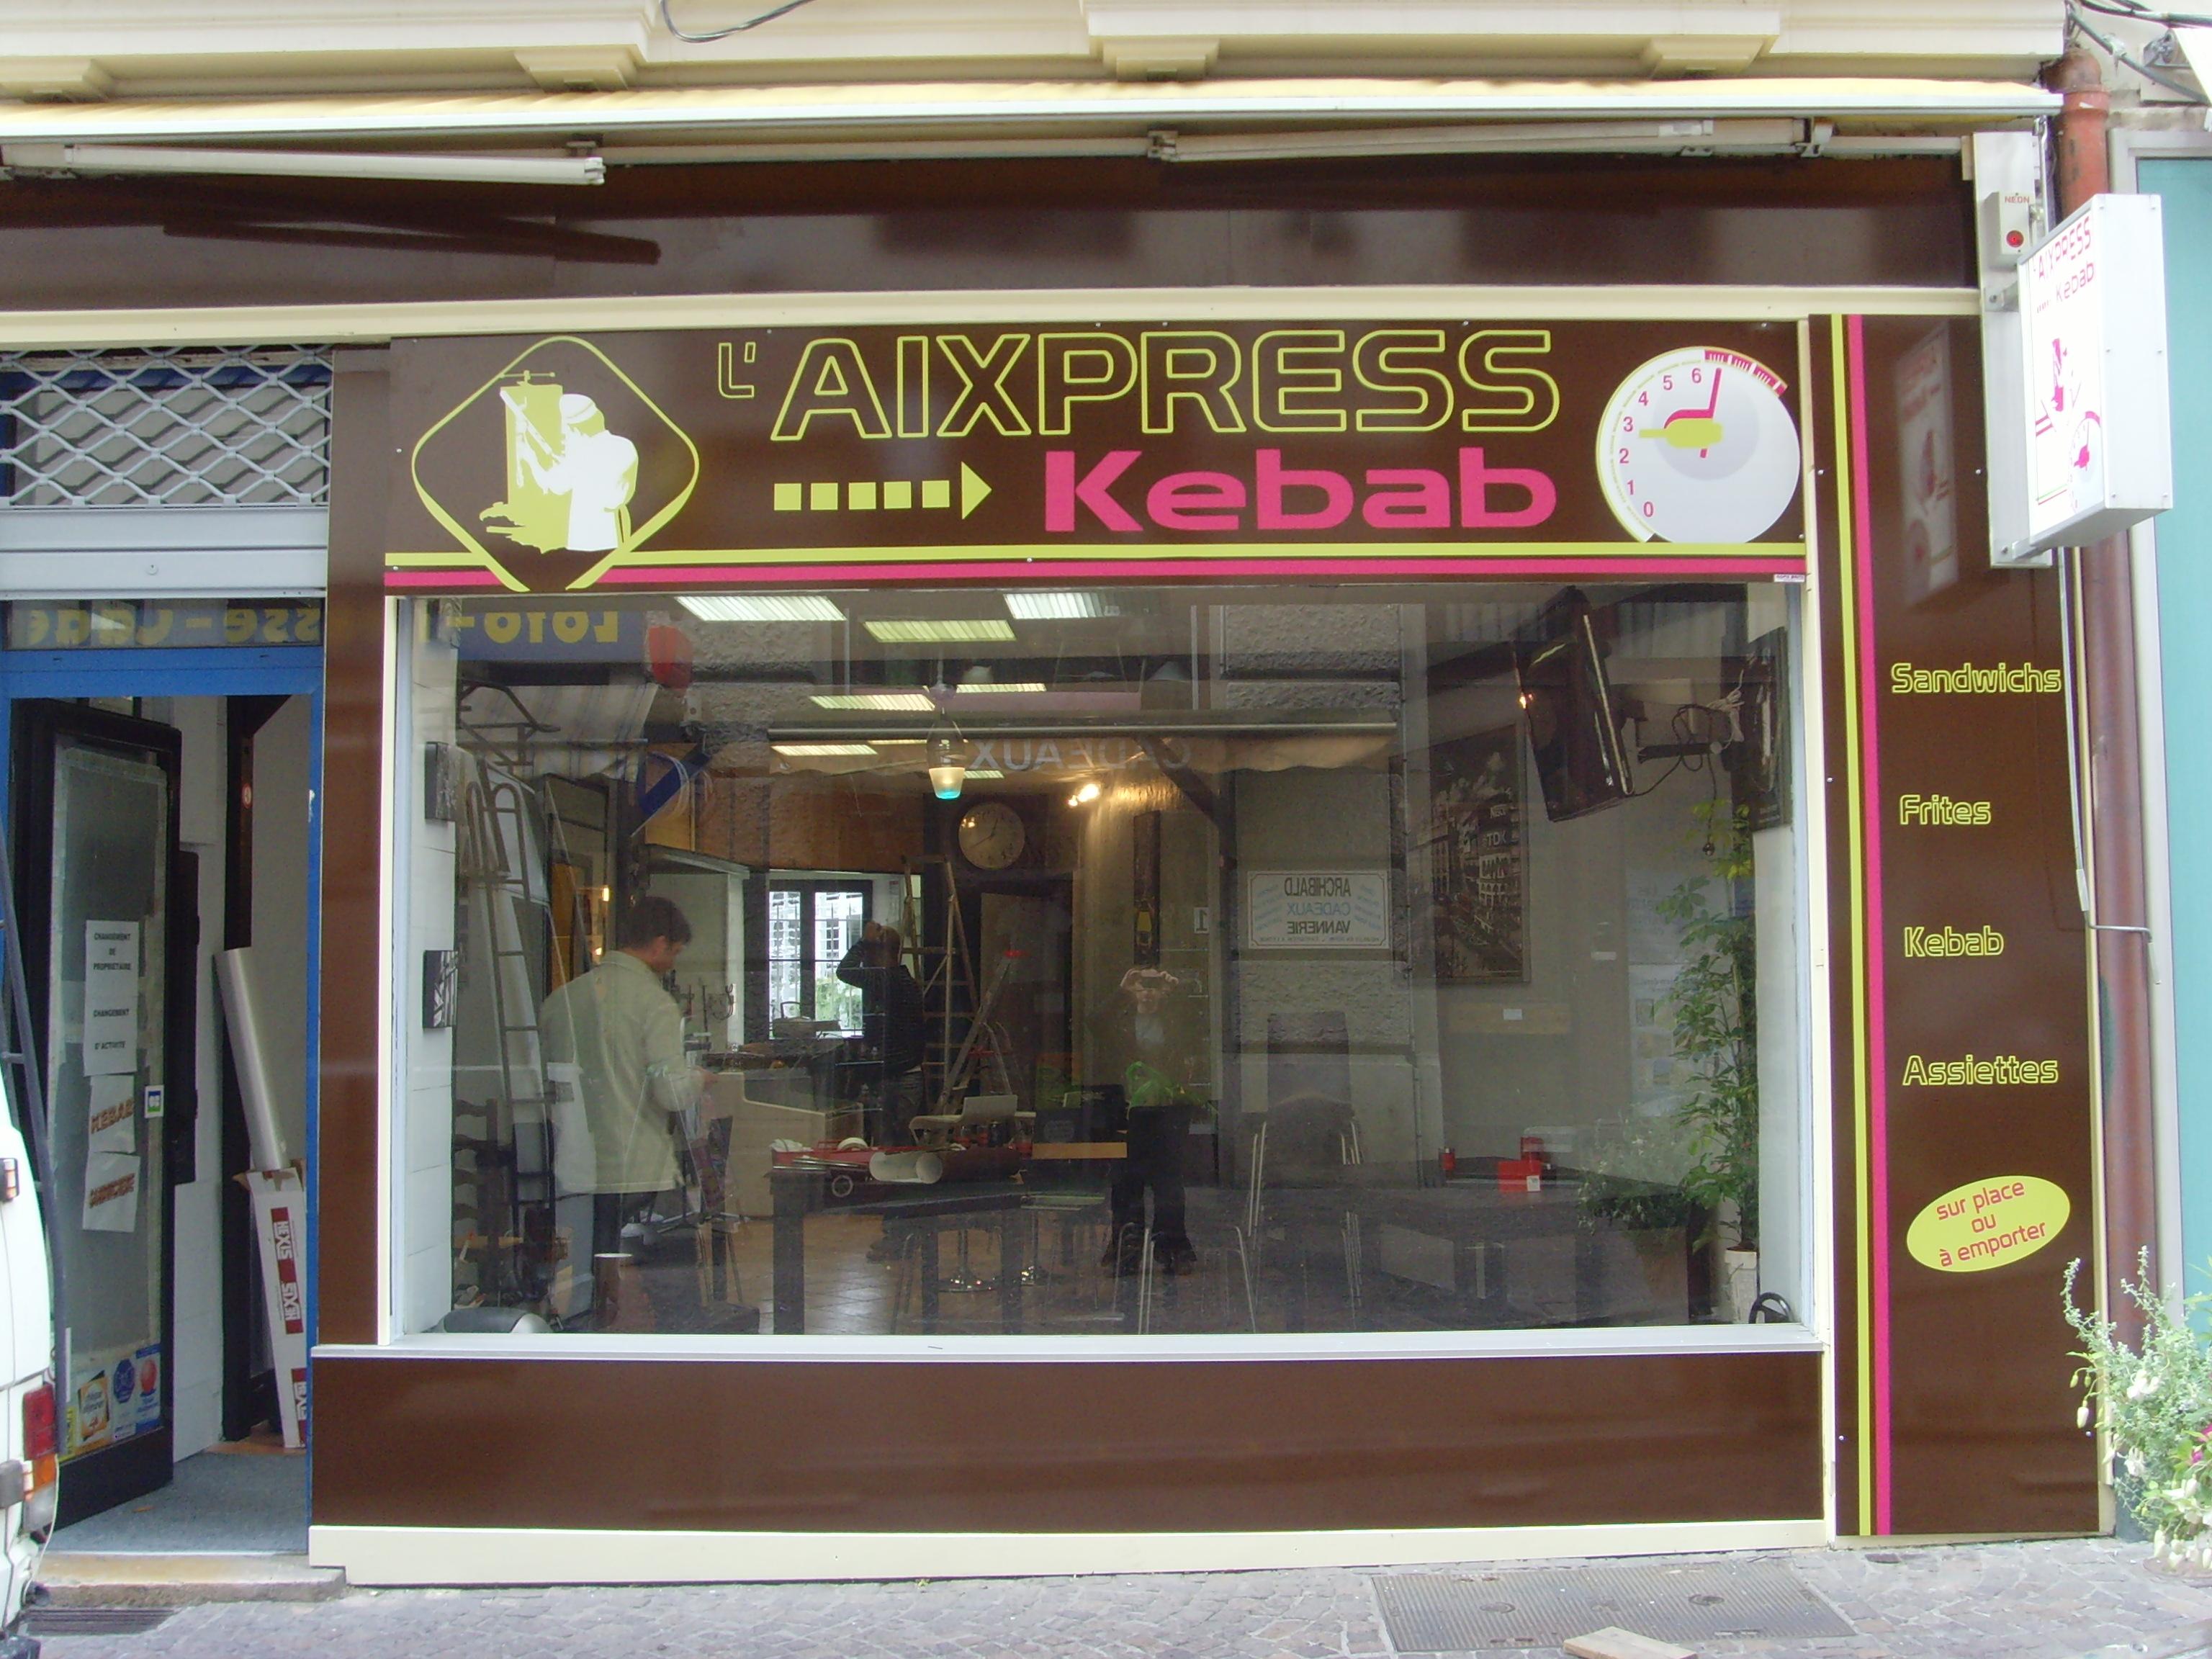 L'Aixpress kebab - Aix-les-Bains